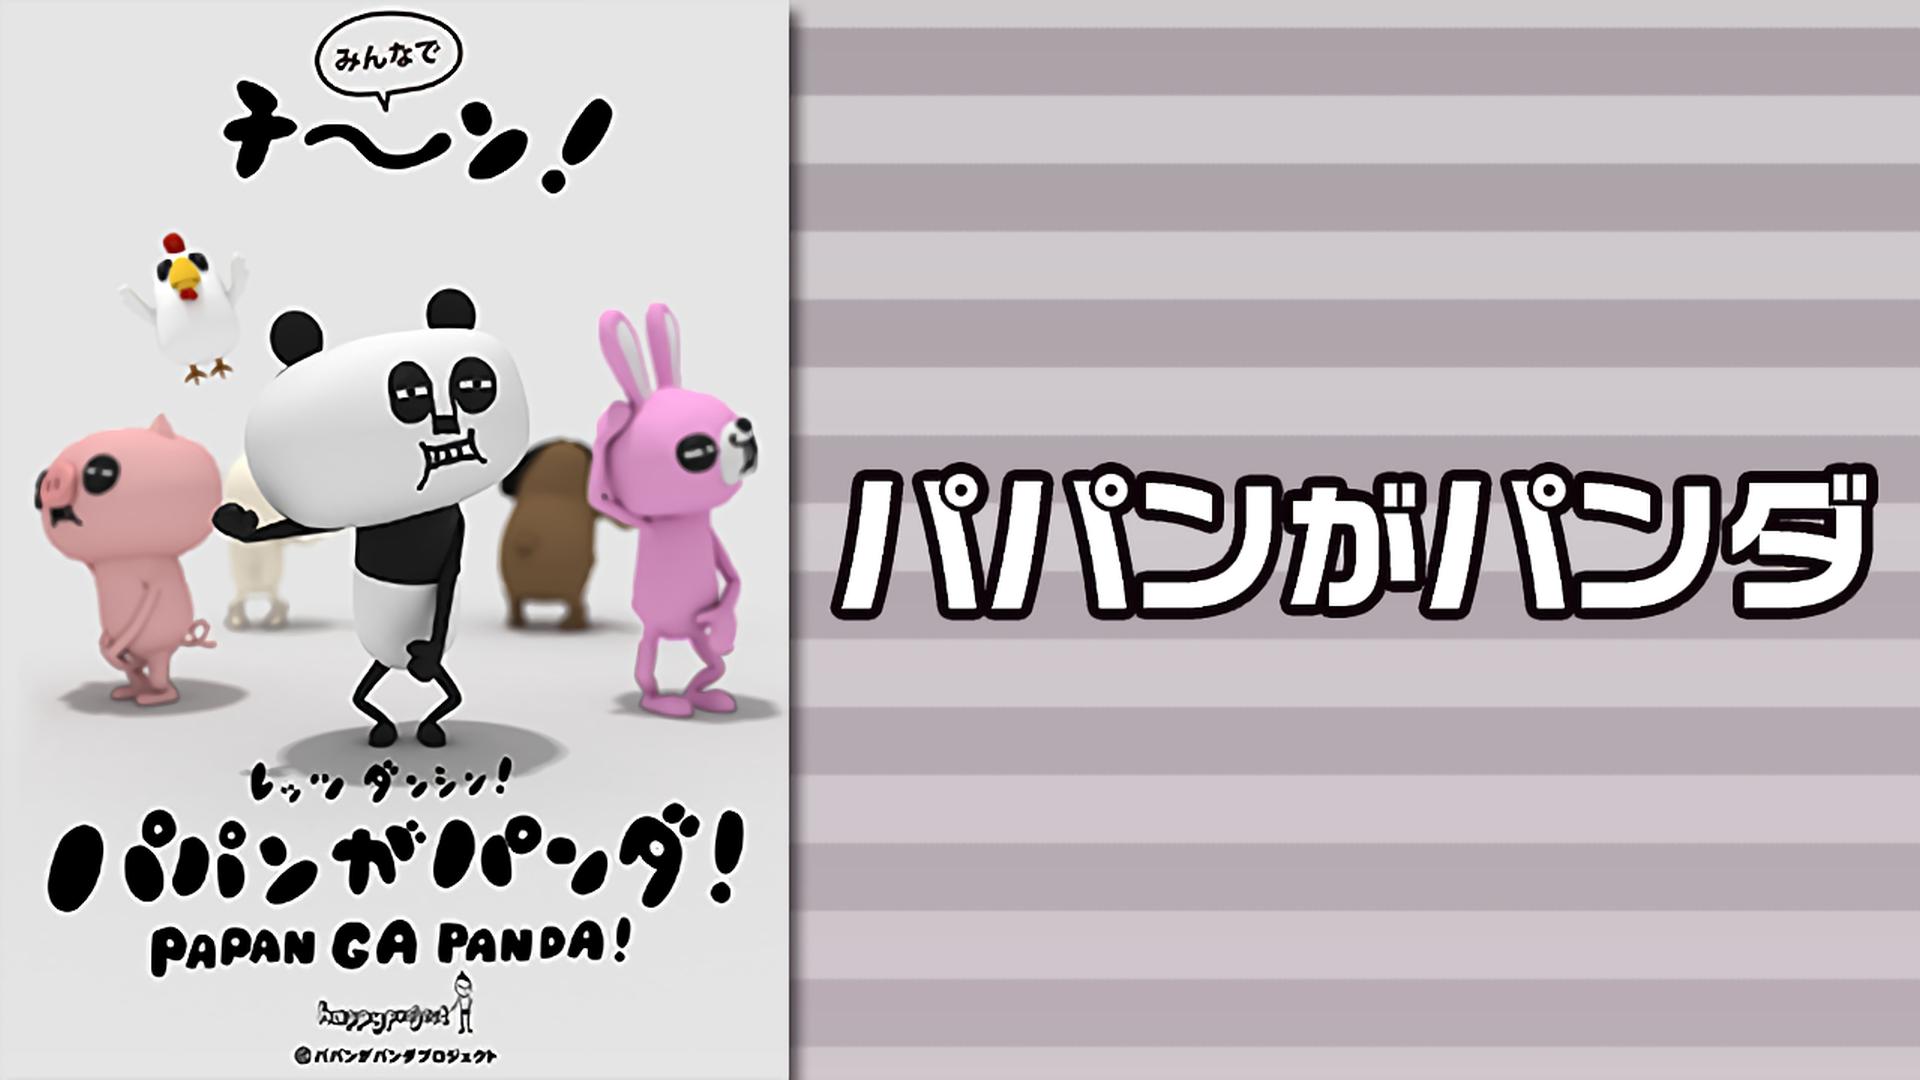 パパンがパンダ (dアニメストア)